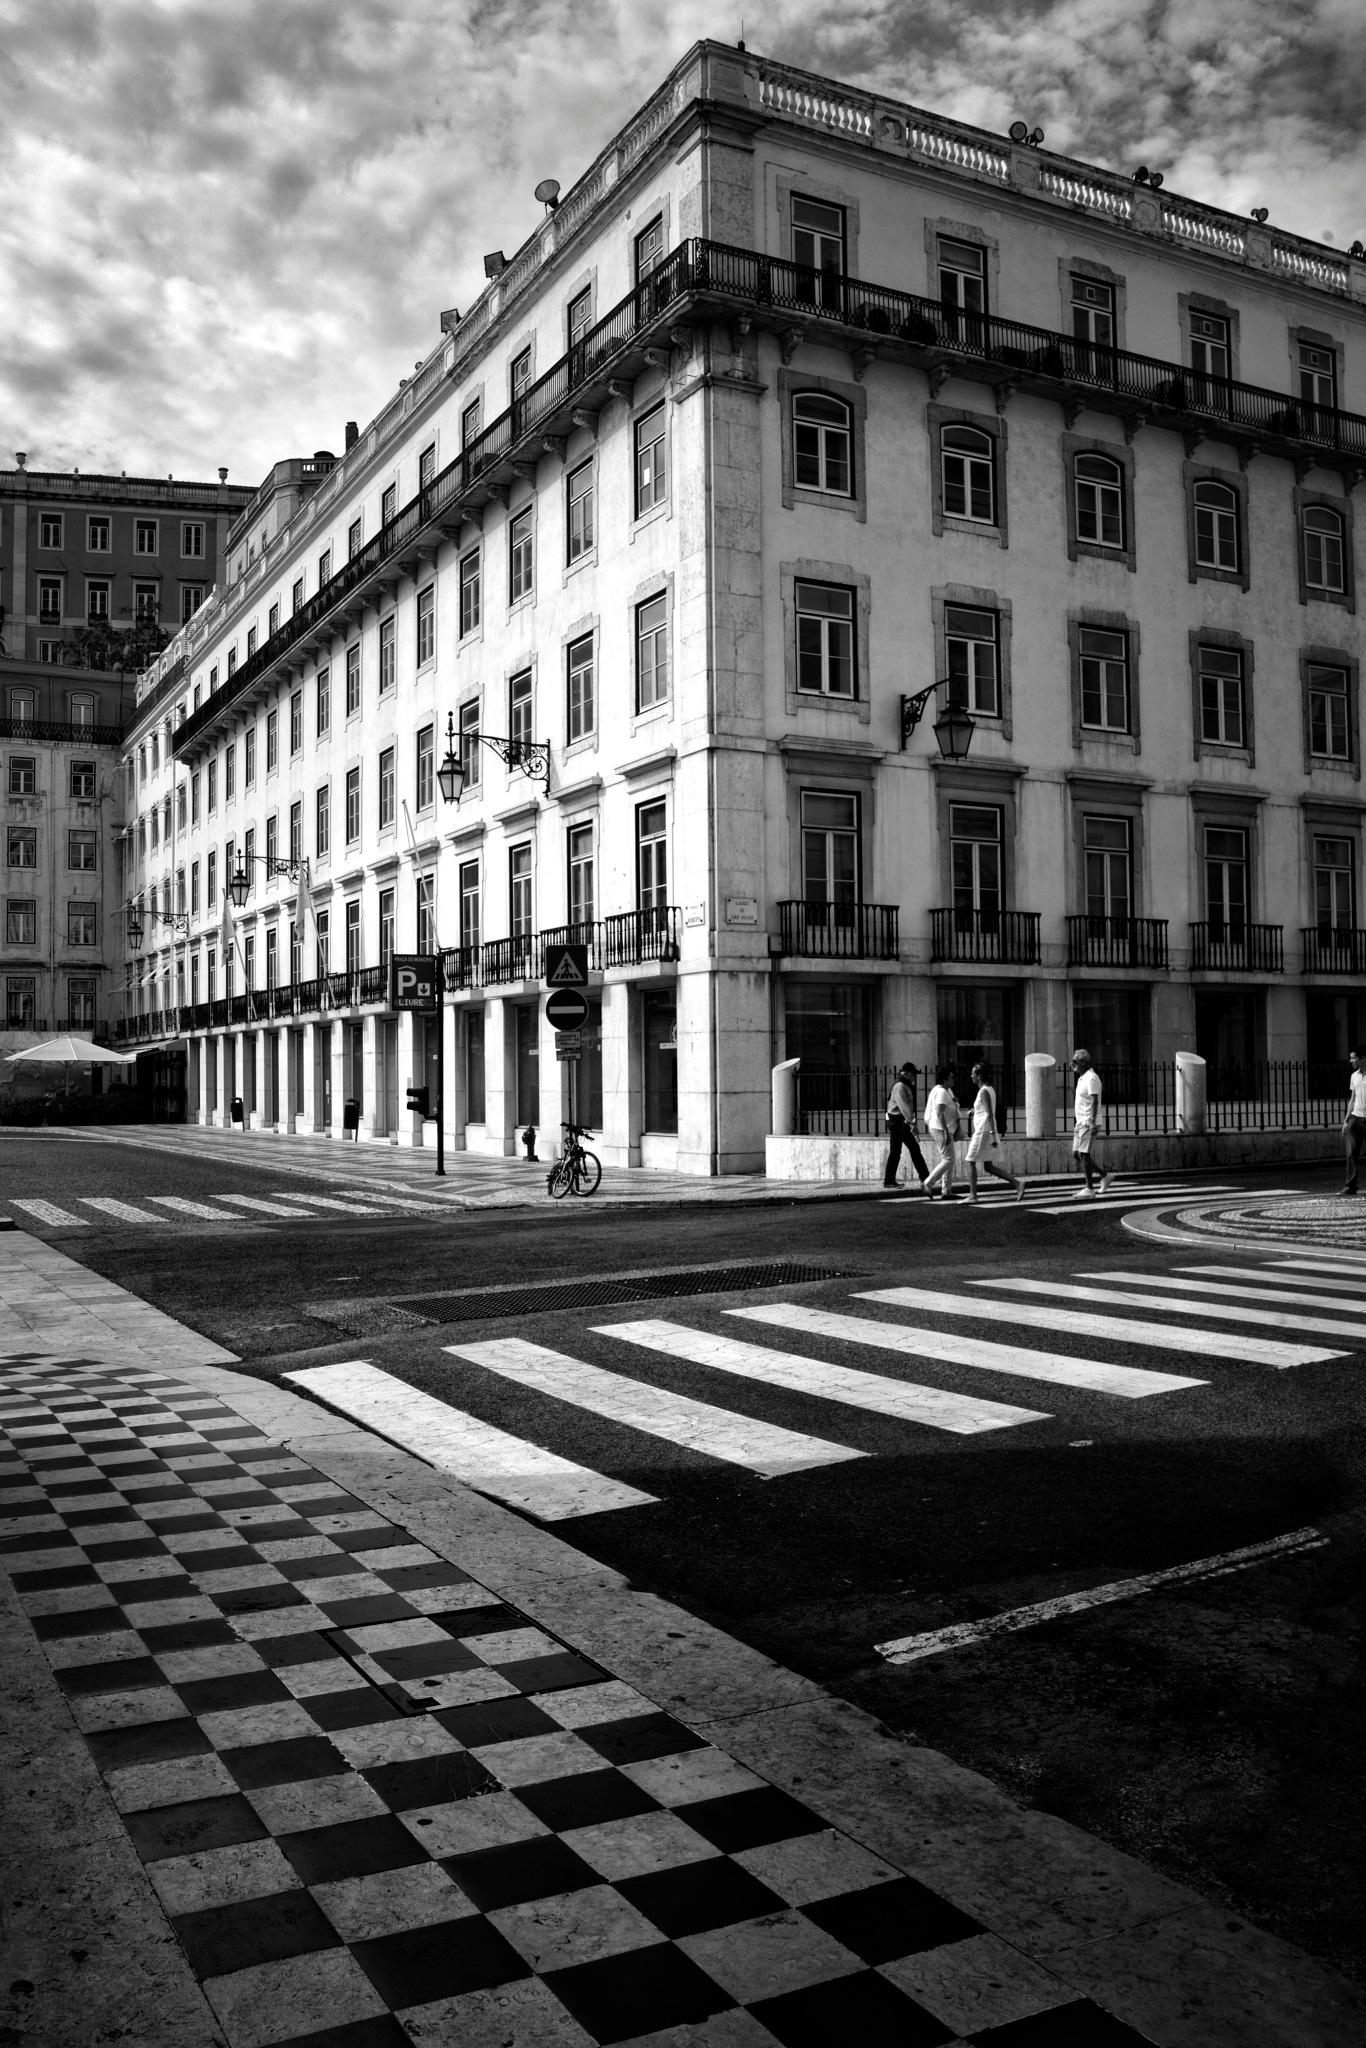 Lisboa by Carlos Delgado